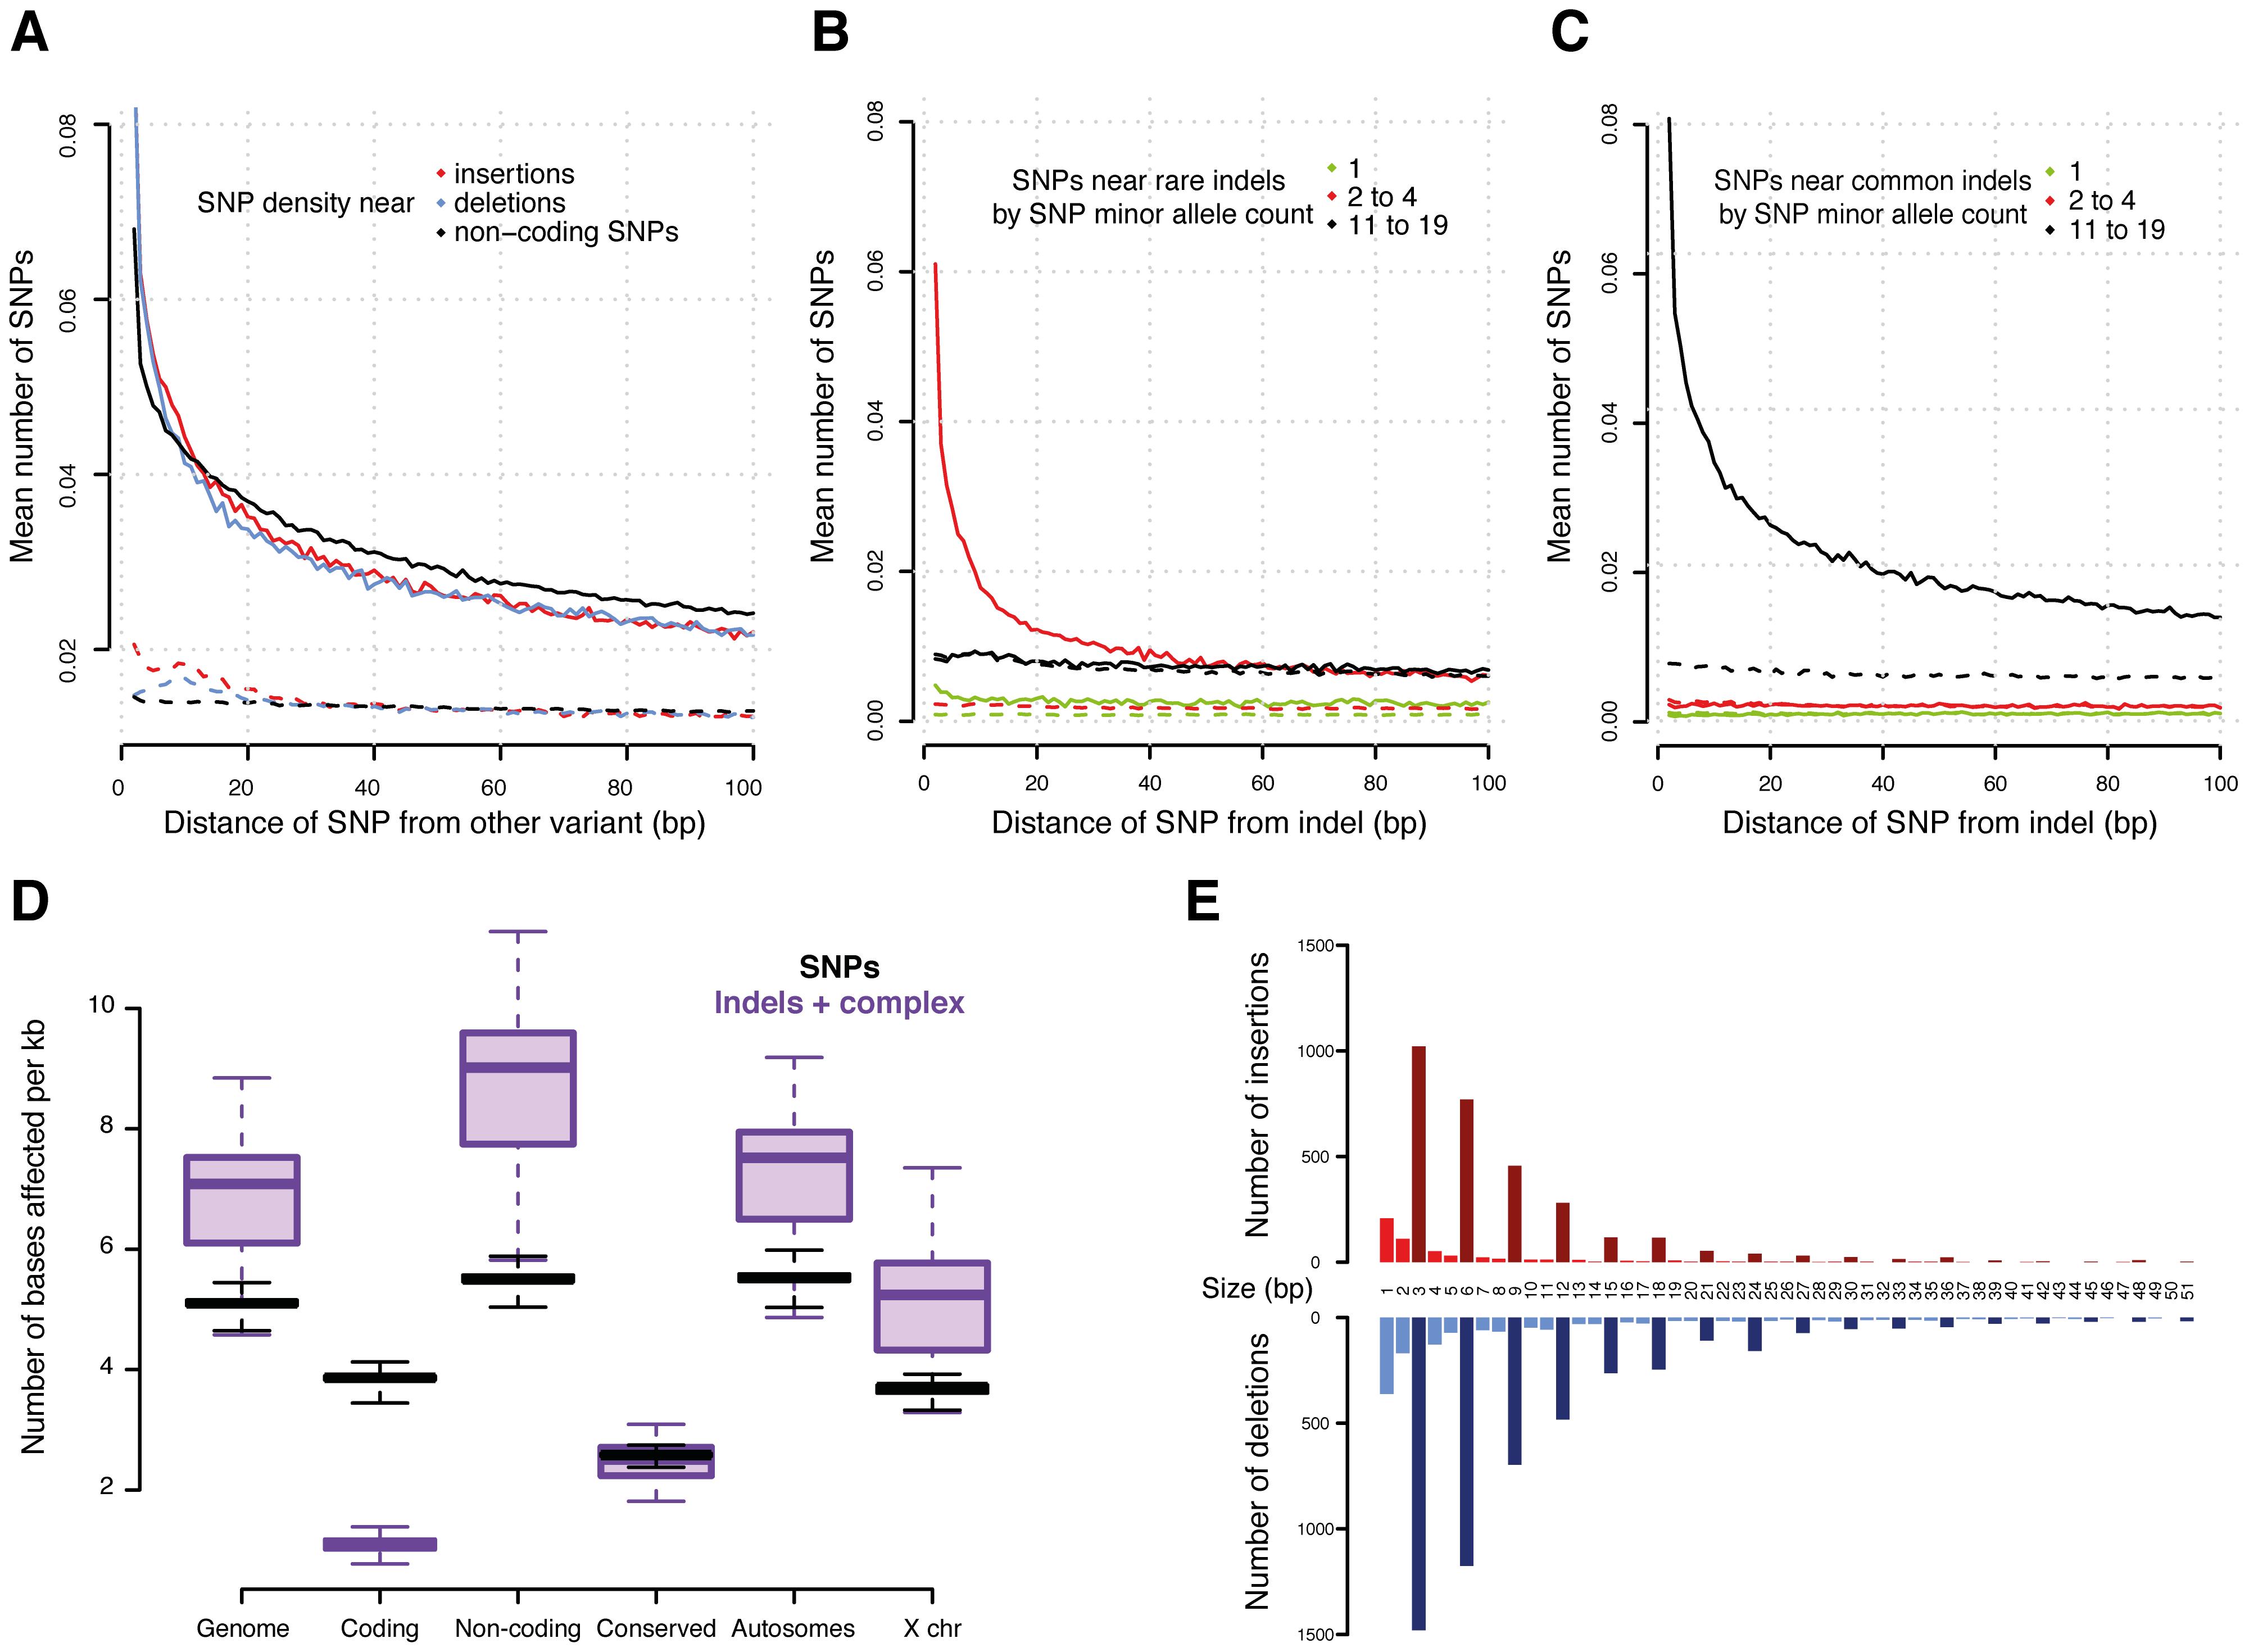 Variants in genomic context.